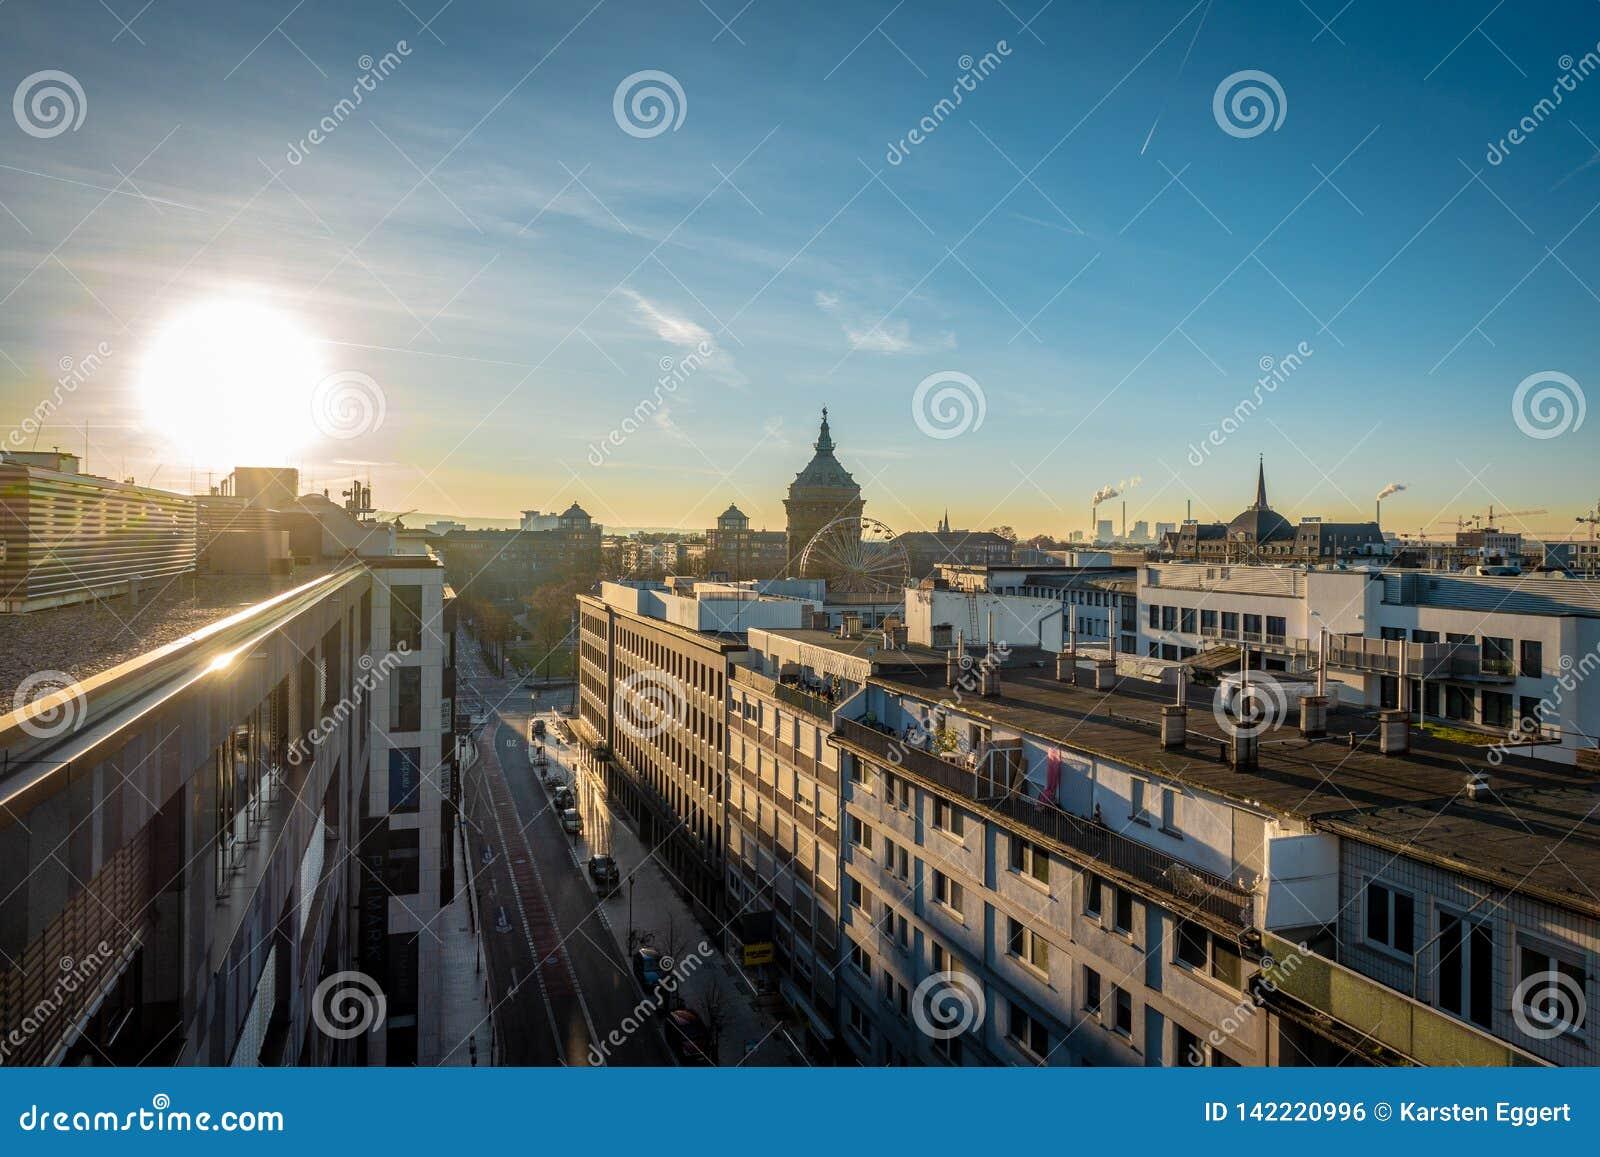 Wschód słońca nad dachami w mieście